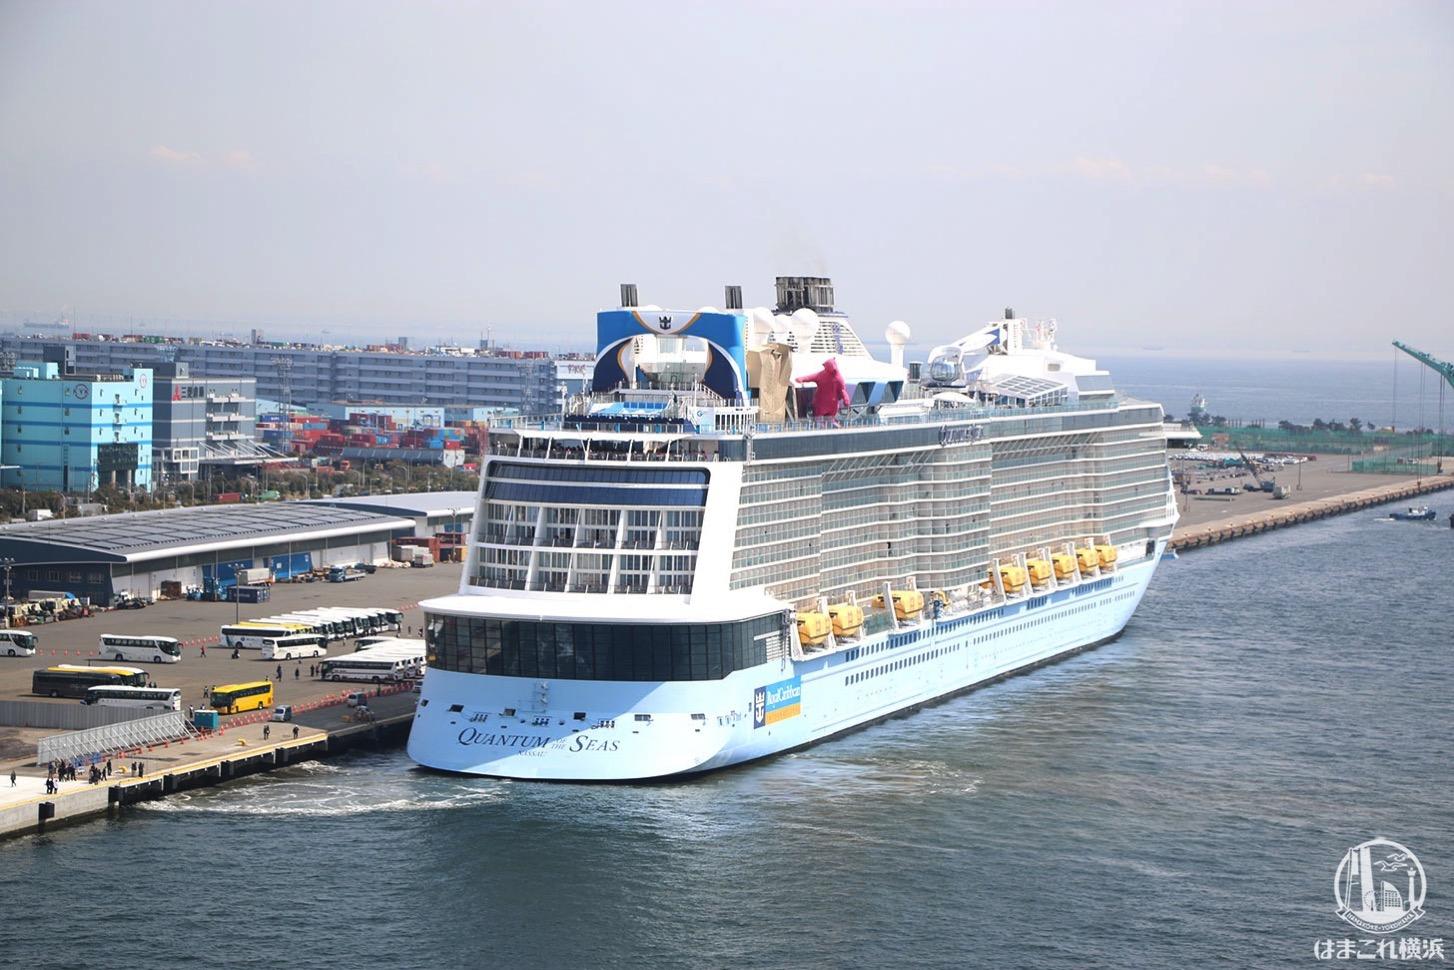 横浜スカイウォークから見た客船